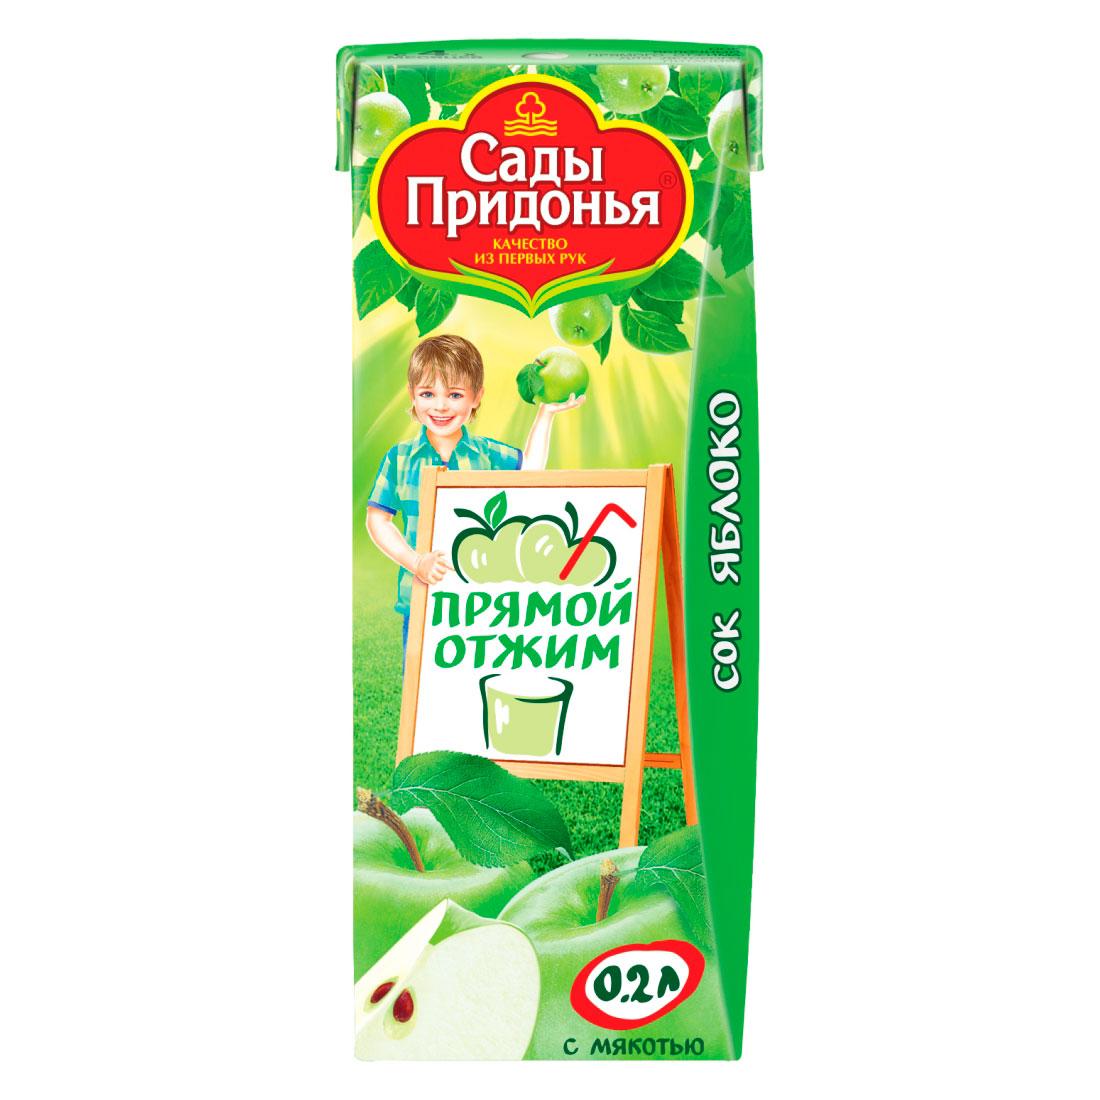 Сок Сады Придонья 200 мл (тетрапак) яблоко прямого отжима с мякотью (с 4 мес)<br>